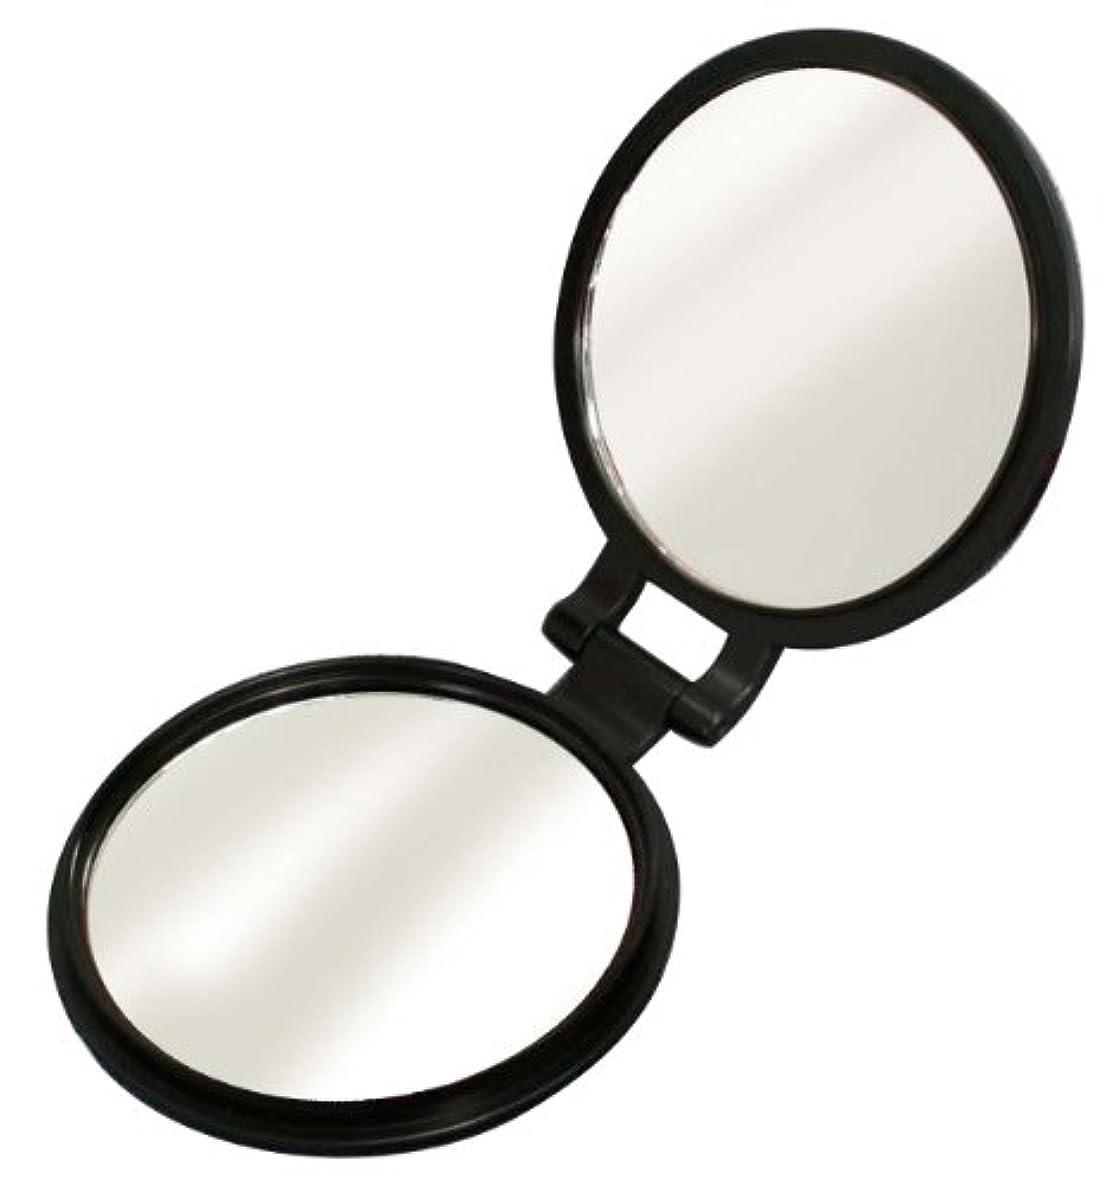 学部解明する不明瞭10倍拡大鏡付き 両面コンパクトミラー YL-10